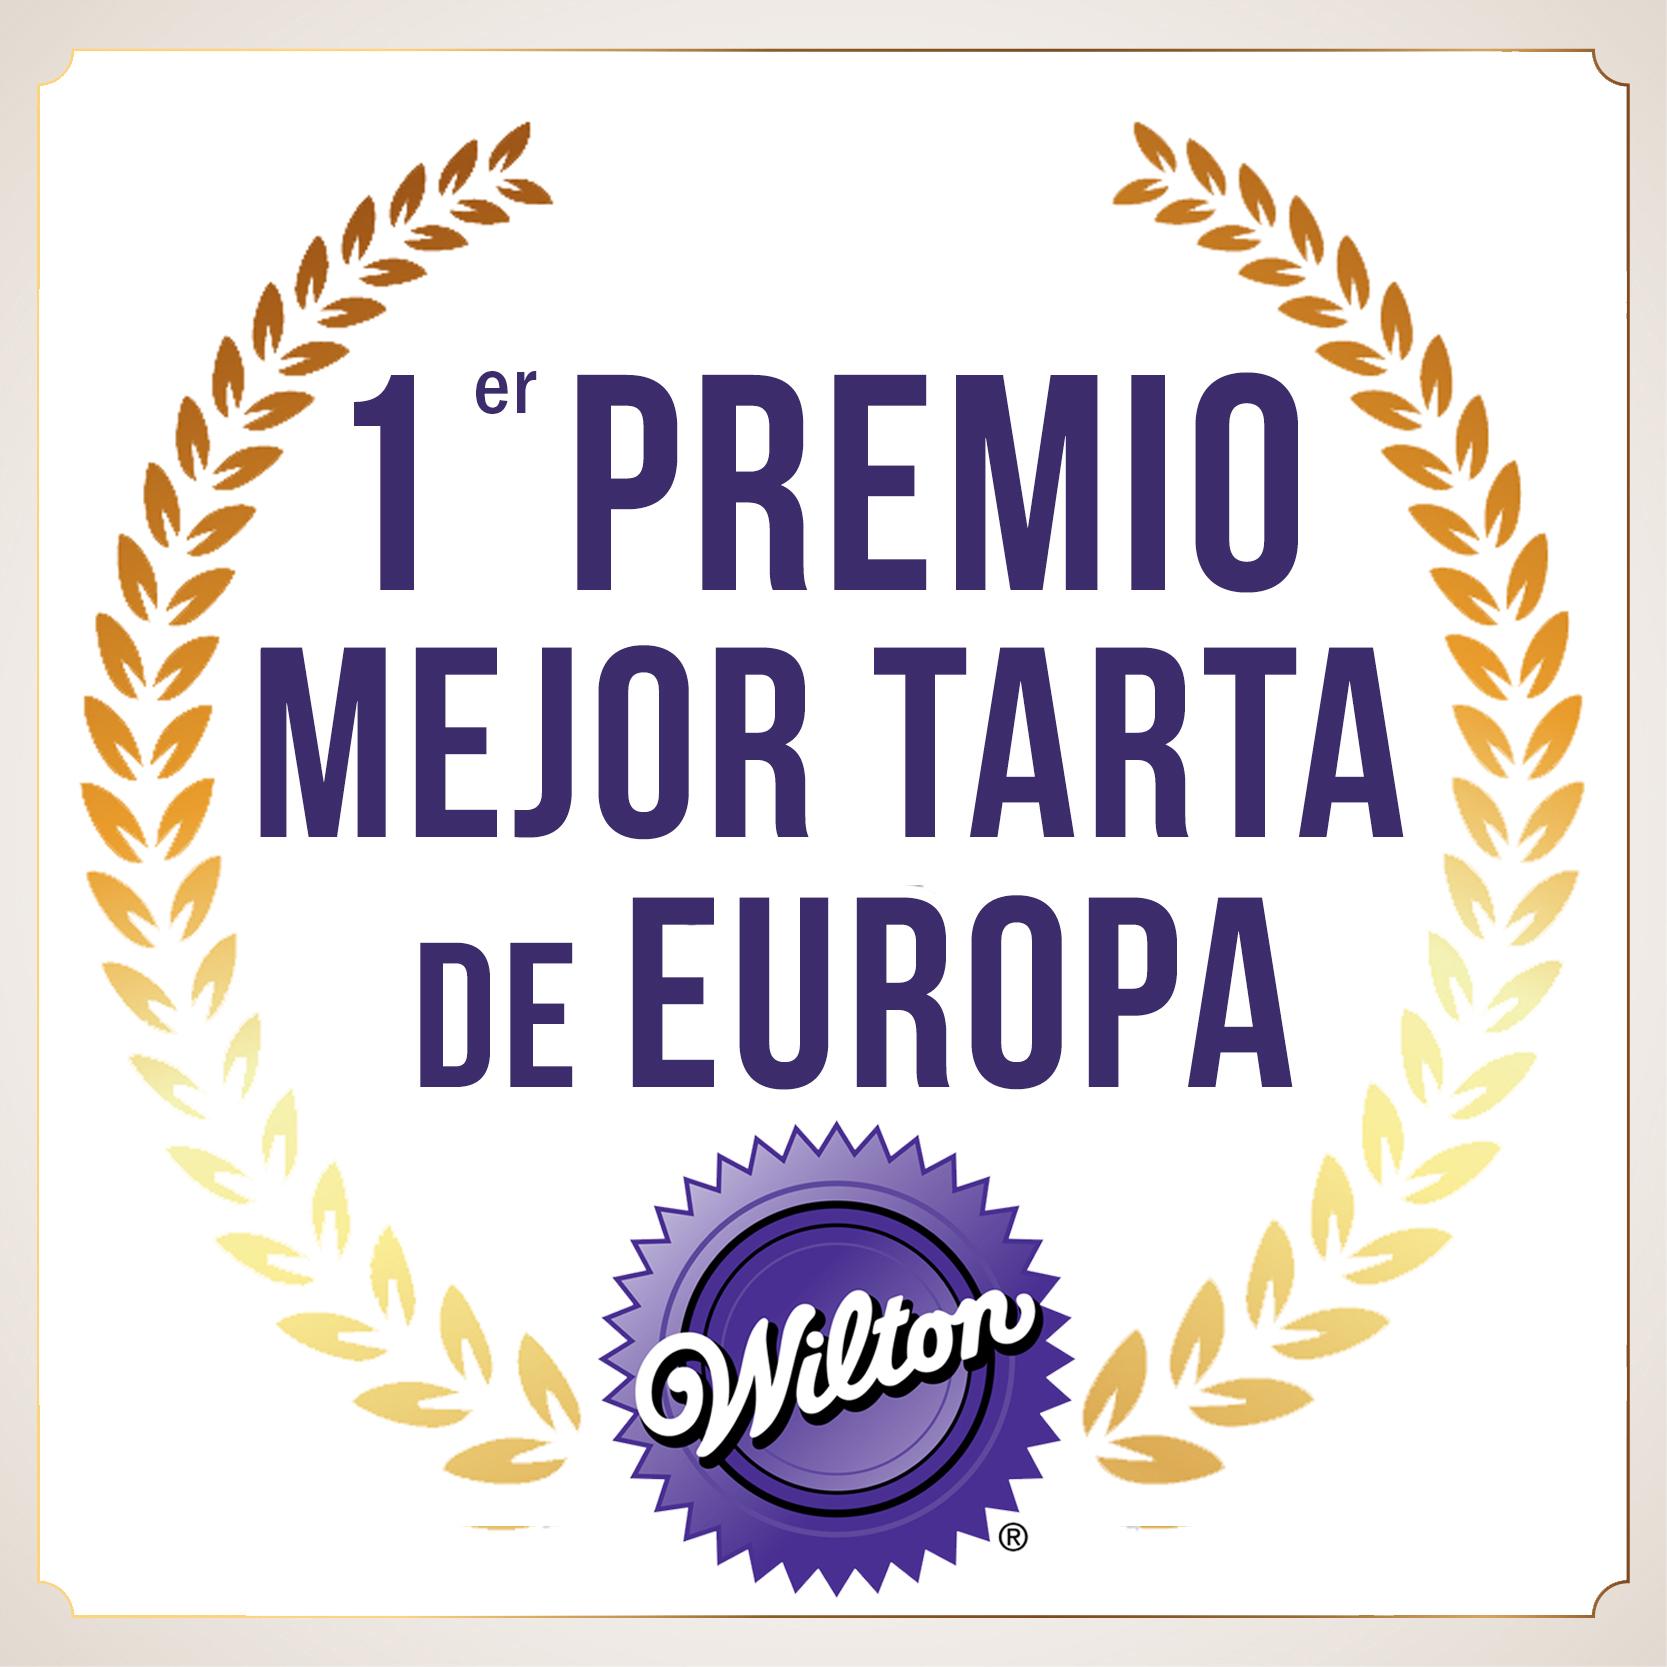 Mejor Tarta de Europa